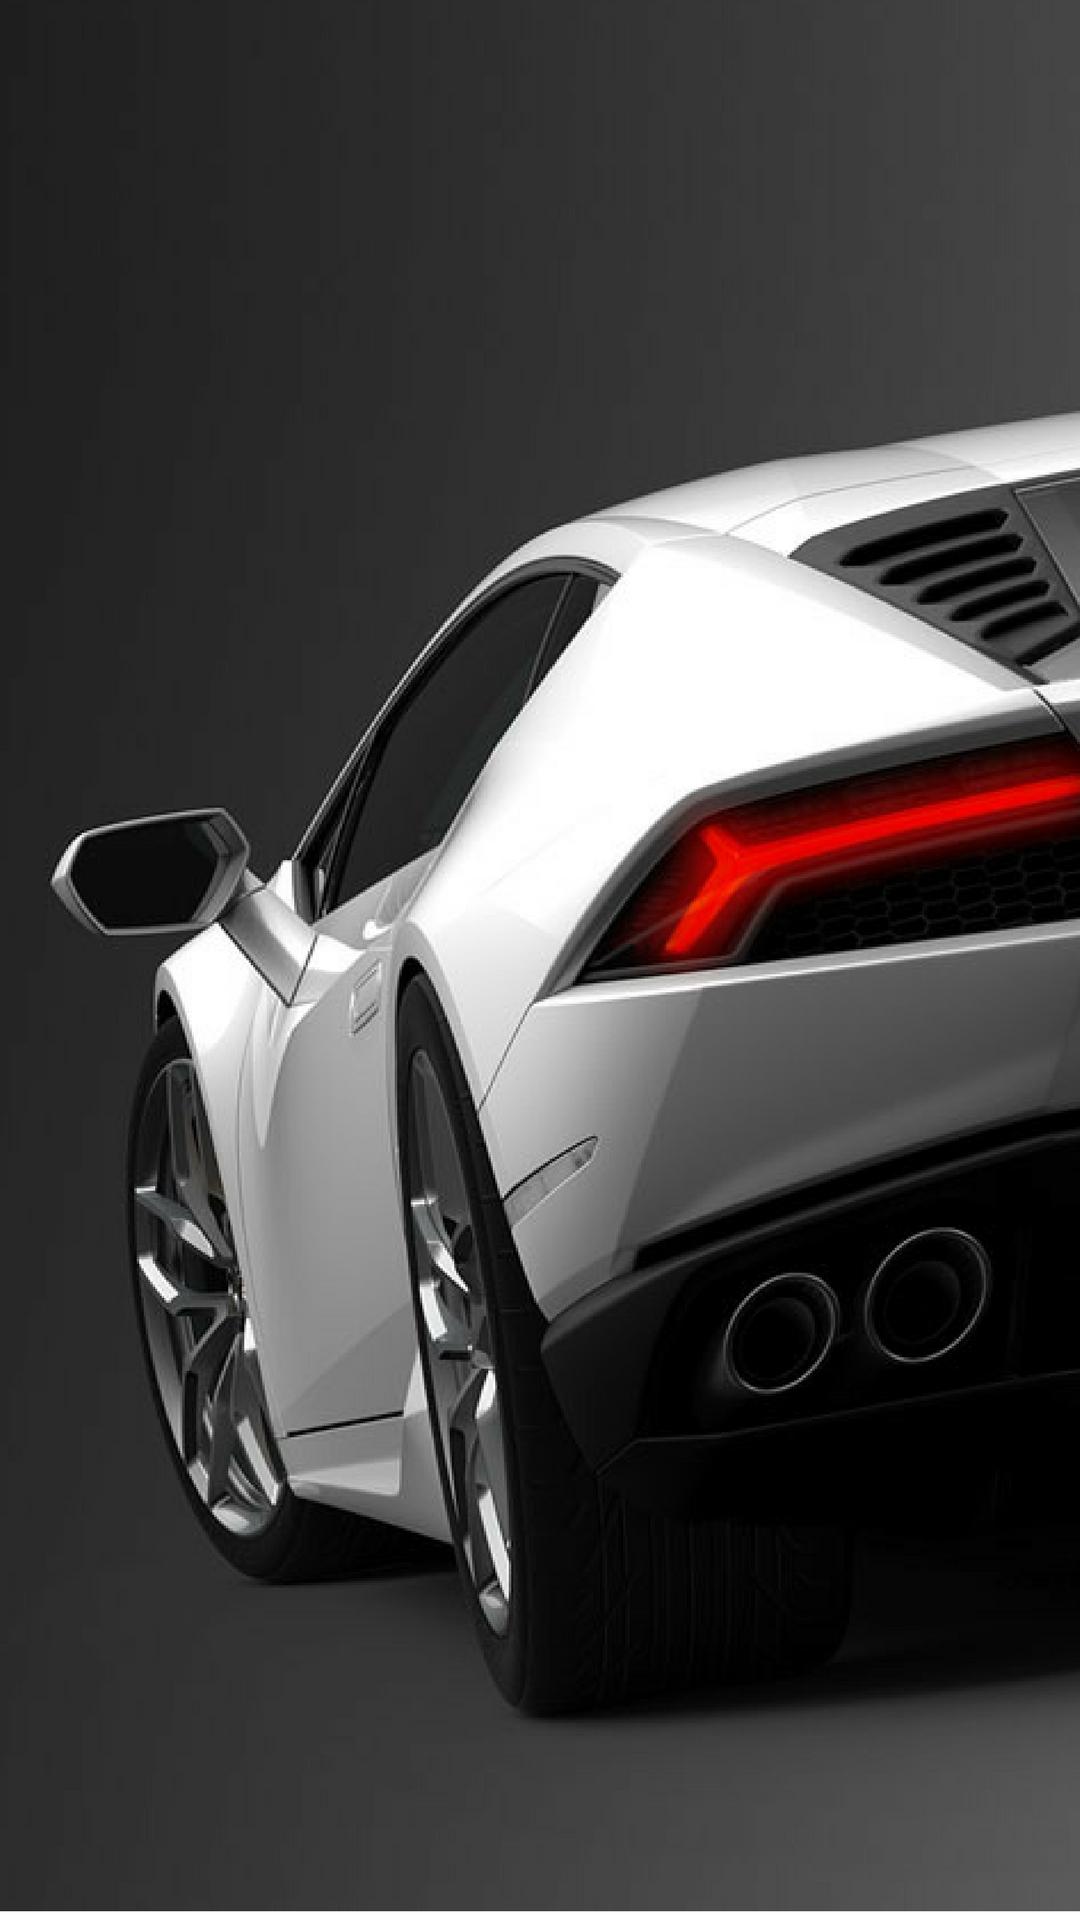 Lamborghini Hurucan Phone Wallpaper